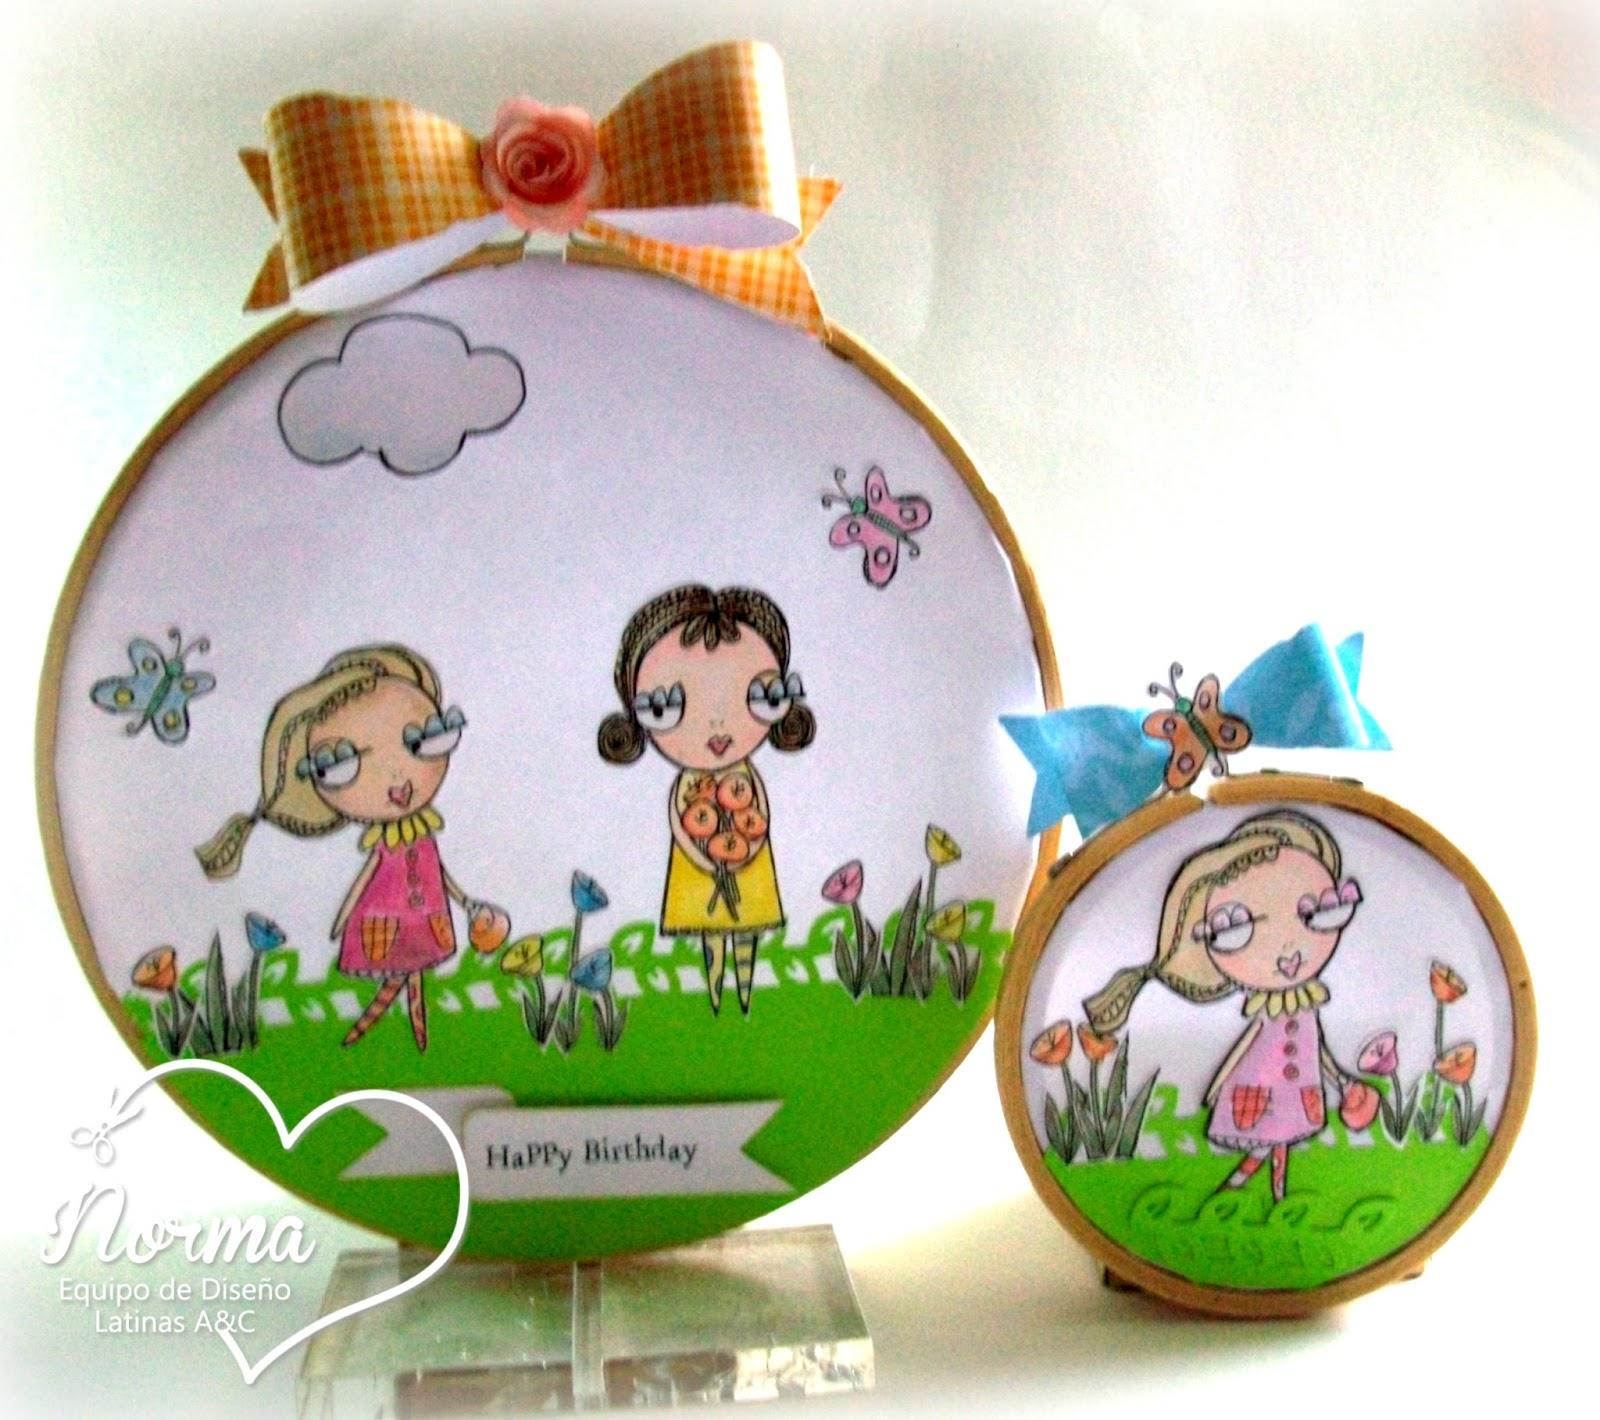 http://creatingandsharingit.blogspot.com/2015/03/tutorial-29-de-latinas-arts-and-crafts.html